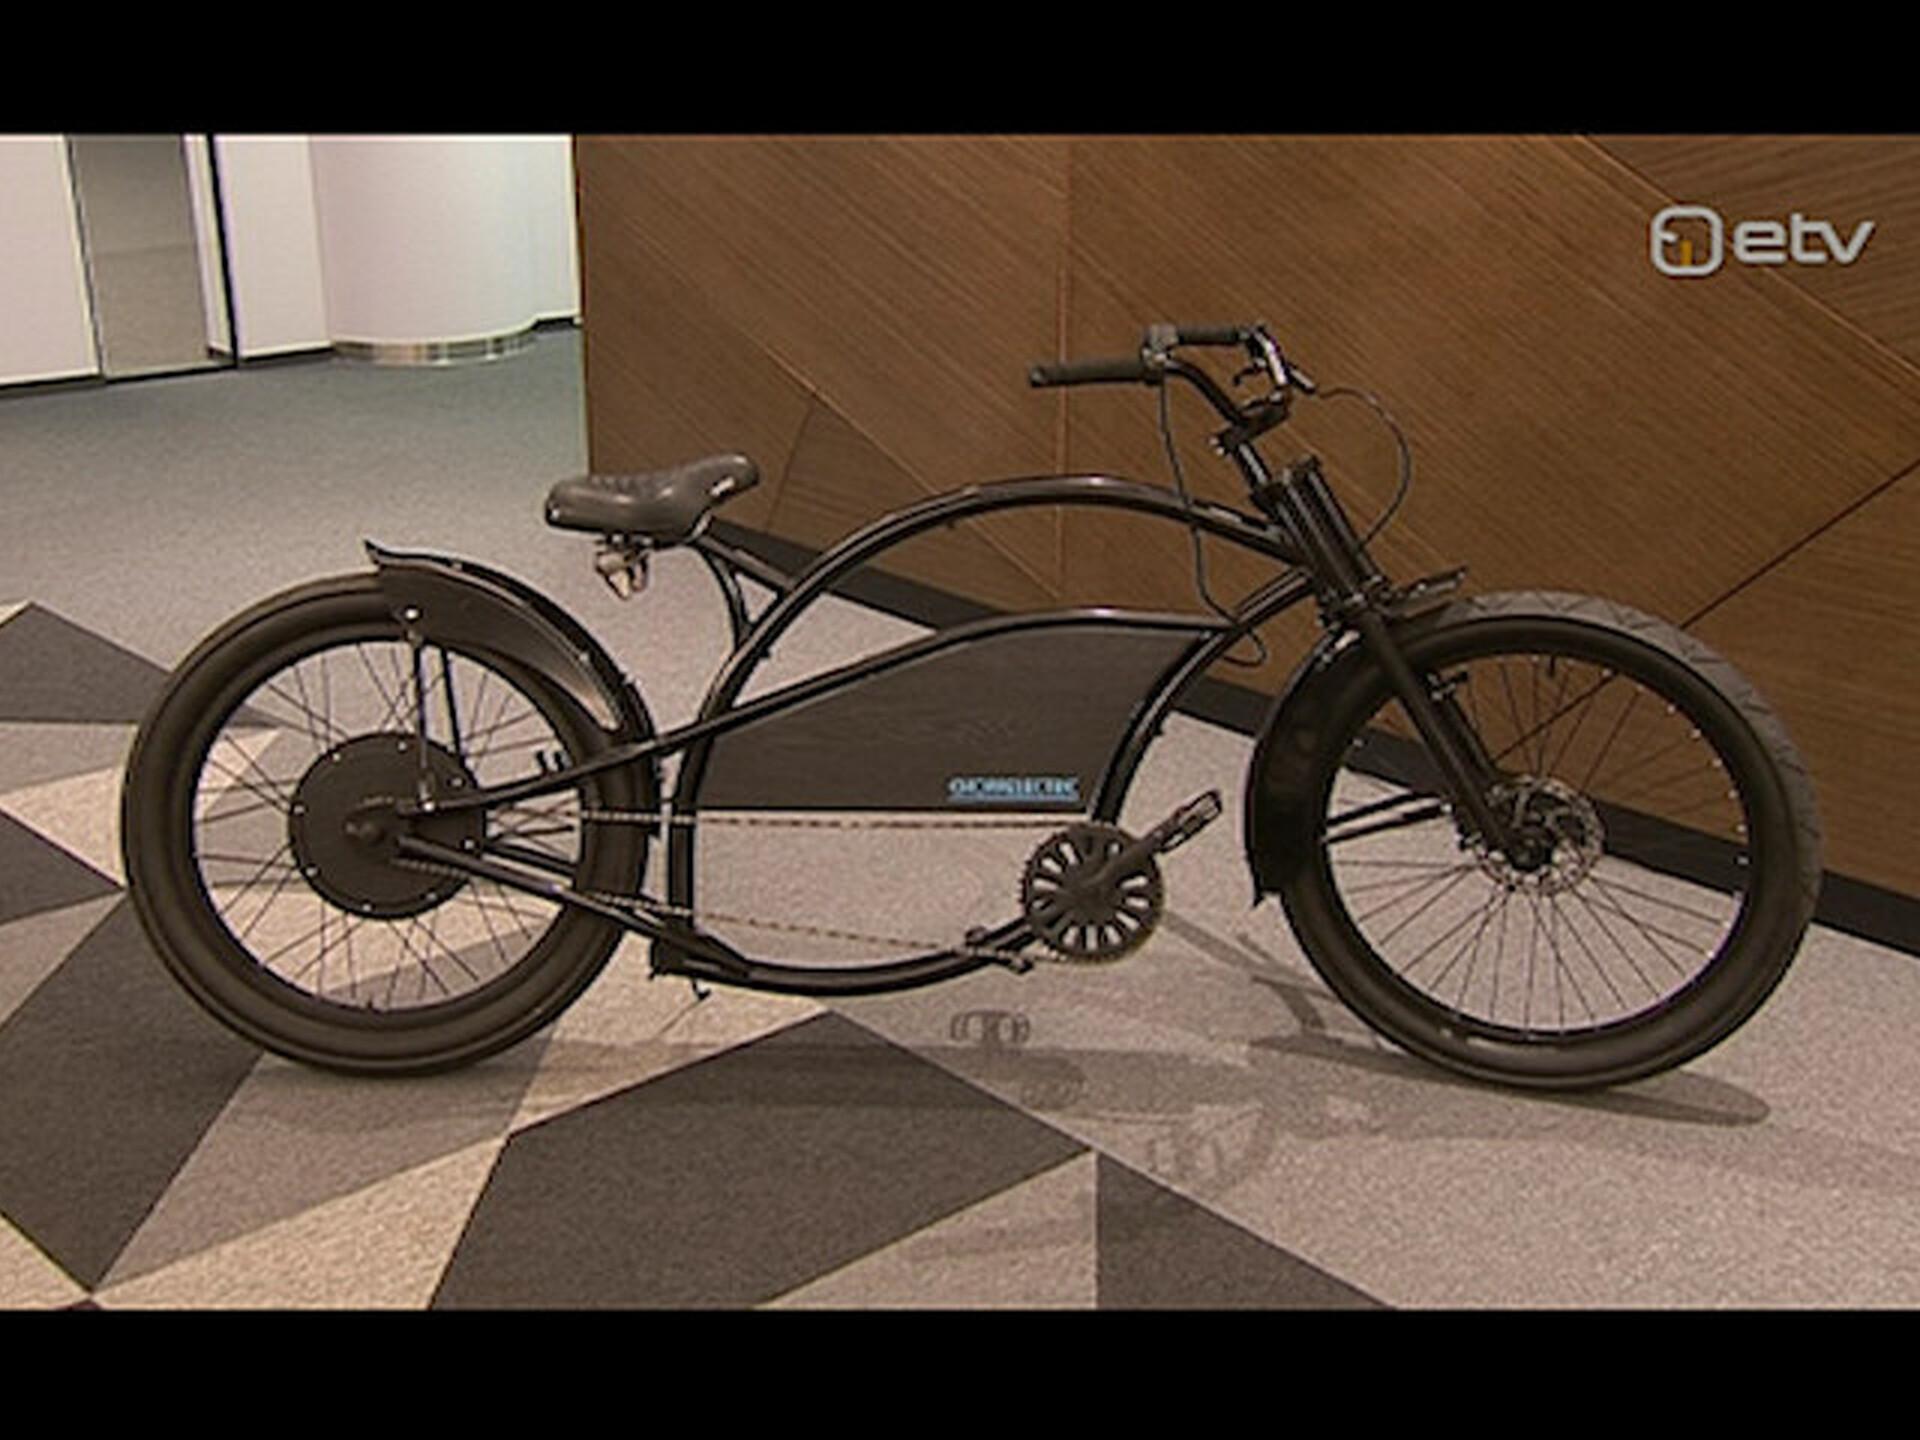 jalgrattad liikme suurenemise kohta Mis on teie liikme suurus taiuslik